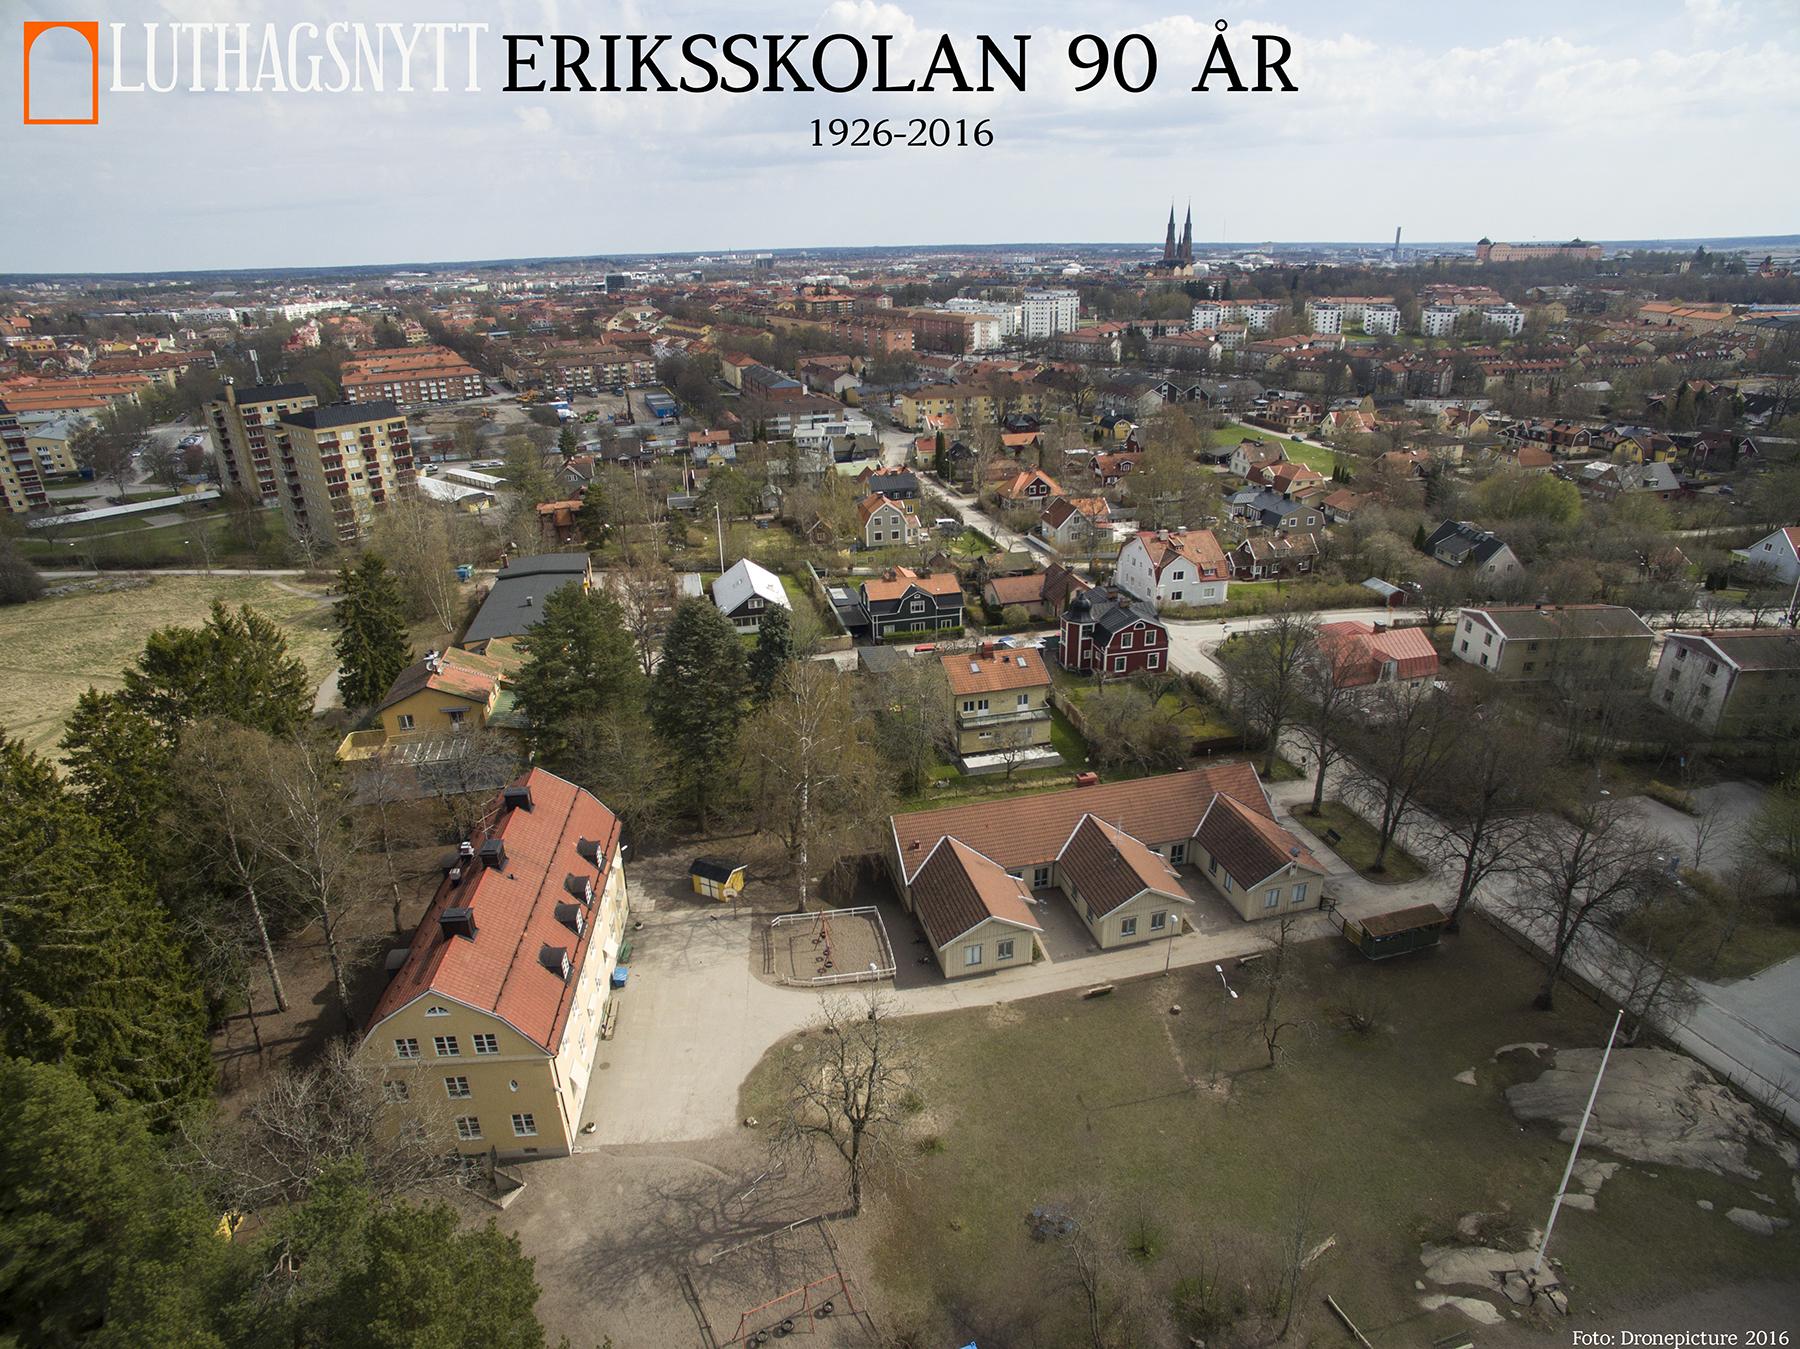 """Den gamla lärarbostaden som numera kallas """"Lilla skolan"""" till vänster i bilden. Huset med de tre paviljongerna går under namnet """"E-huset"""" av förståeliga skäl."""